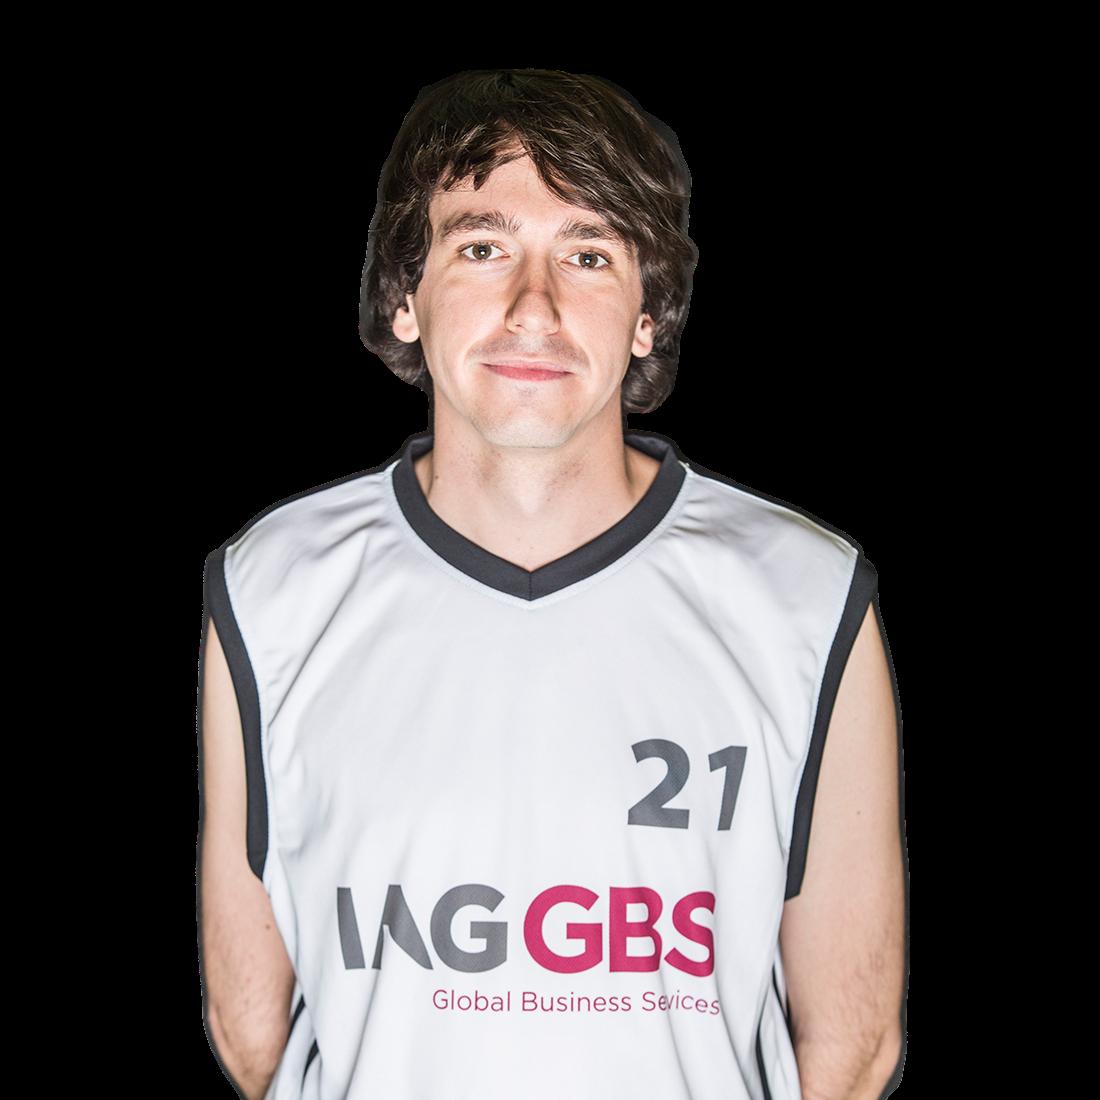 Christian Martin Gisbert